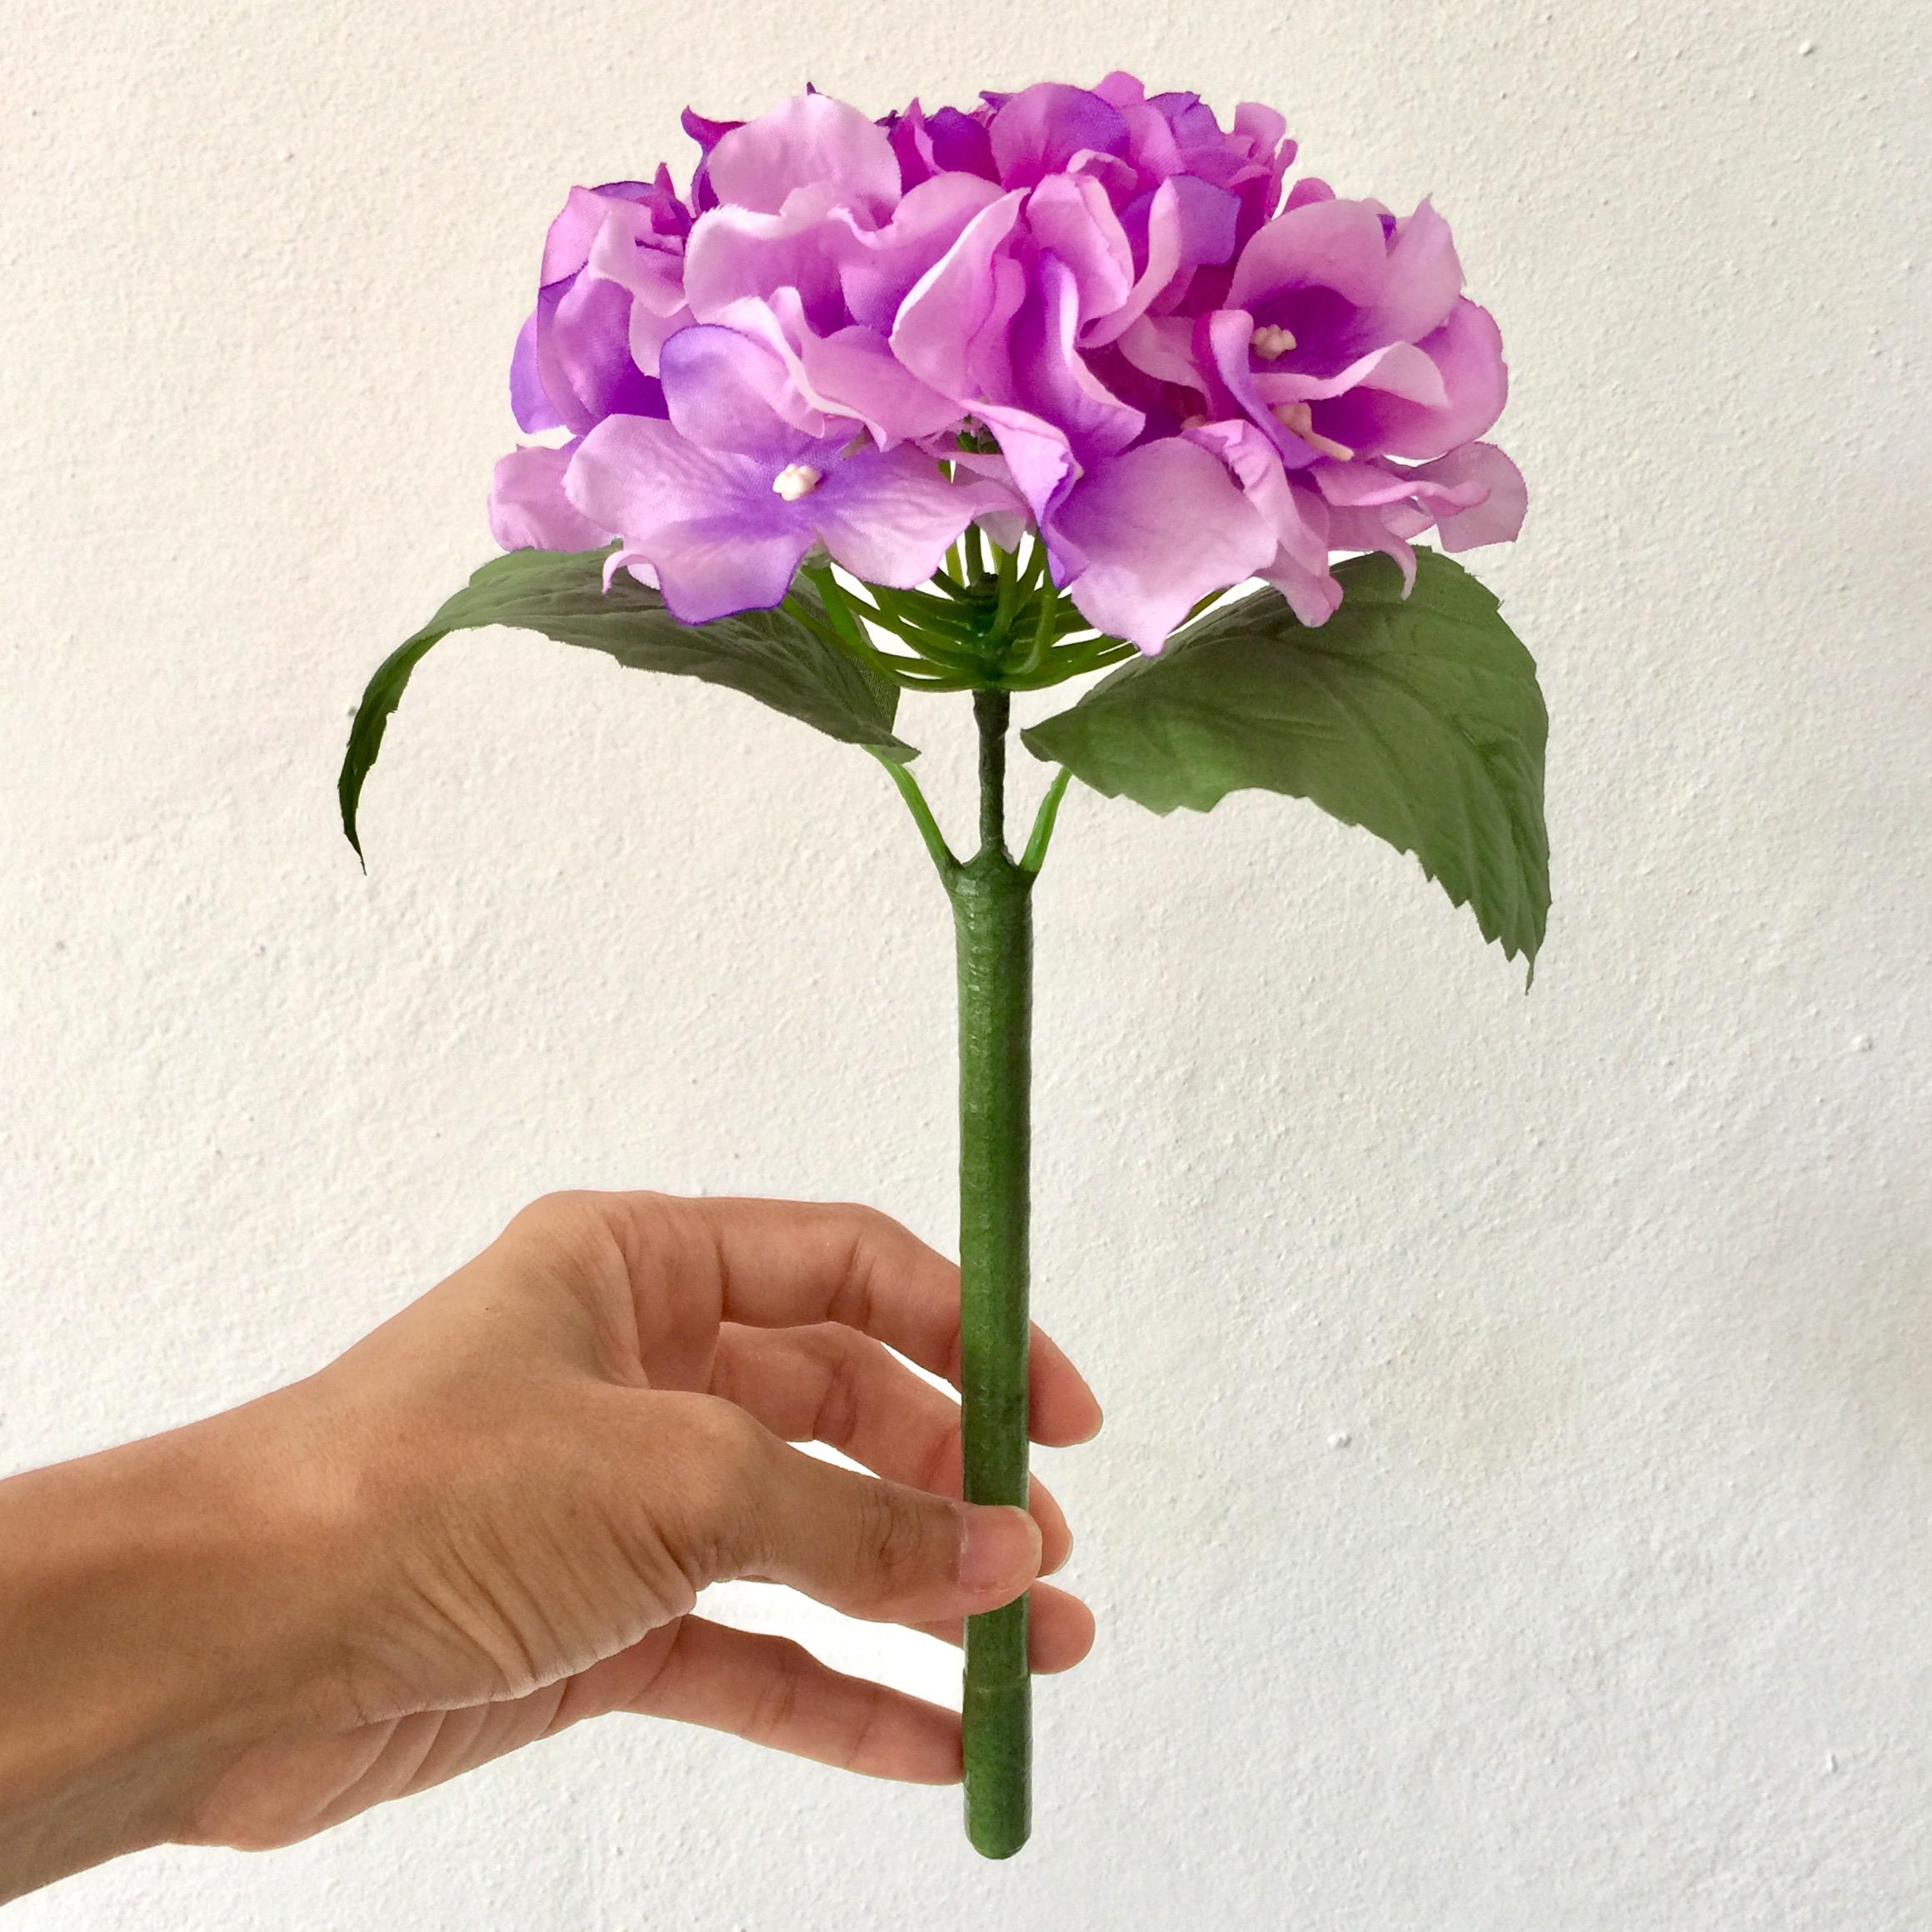 ปากกาดอกไฮเดรนเยีย สีม่วง